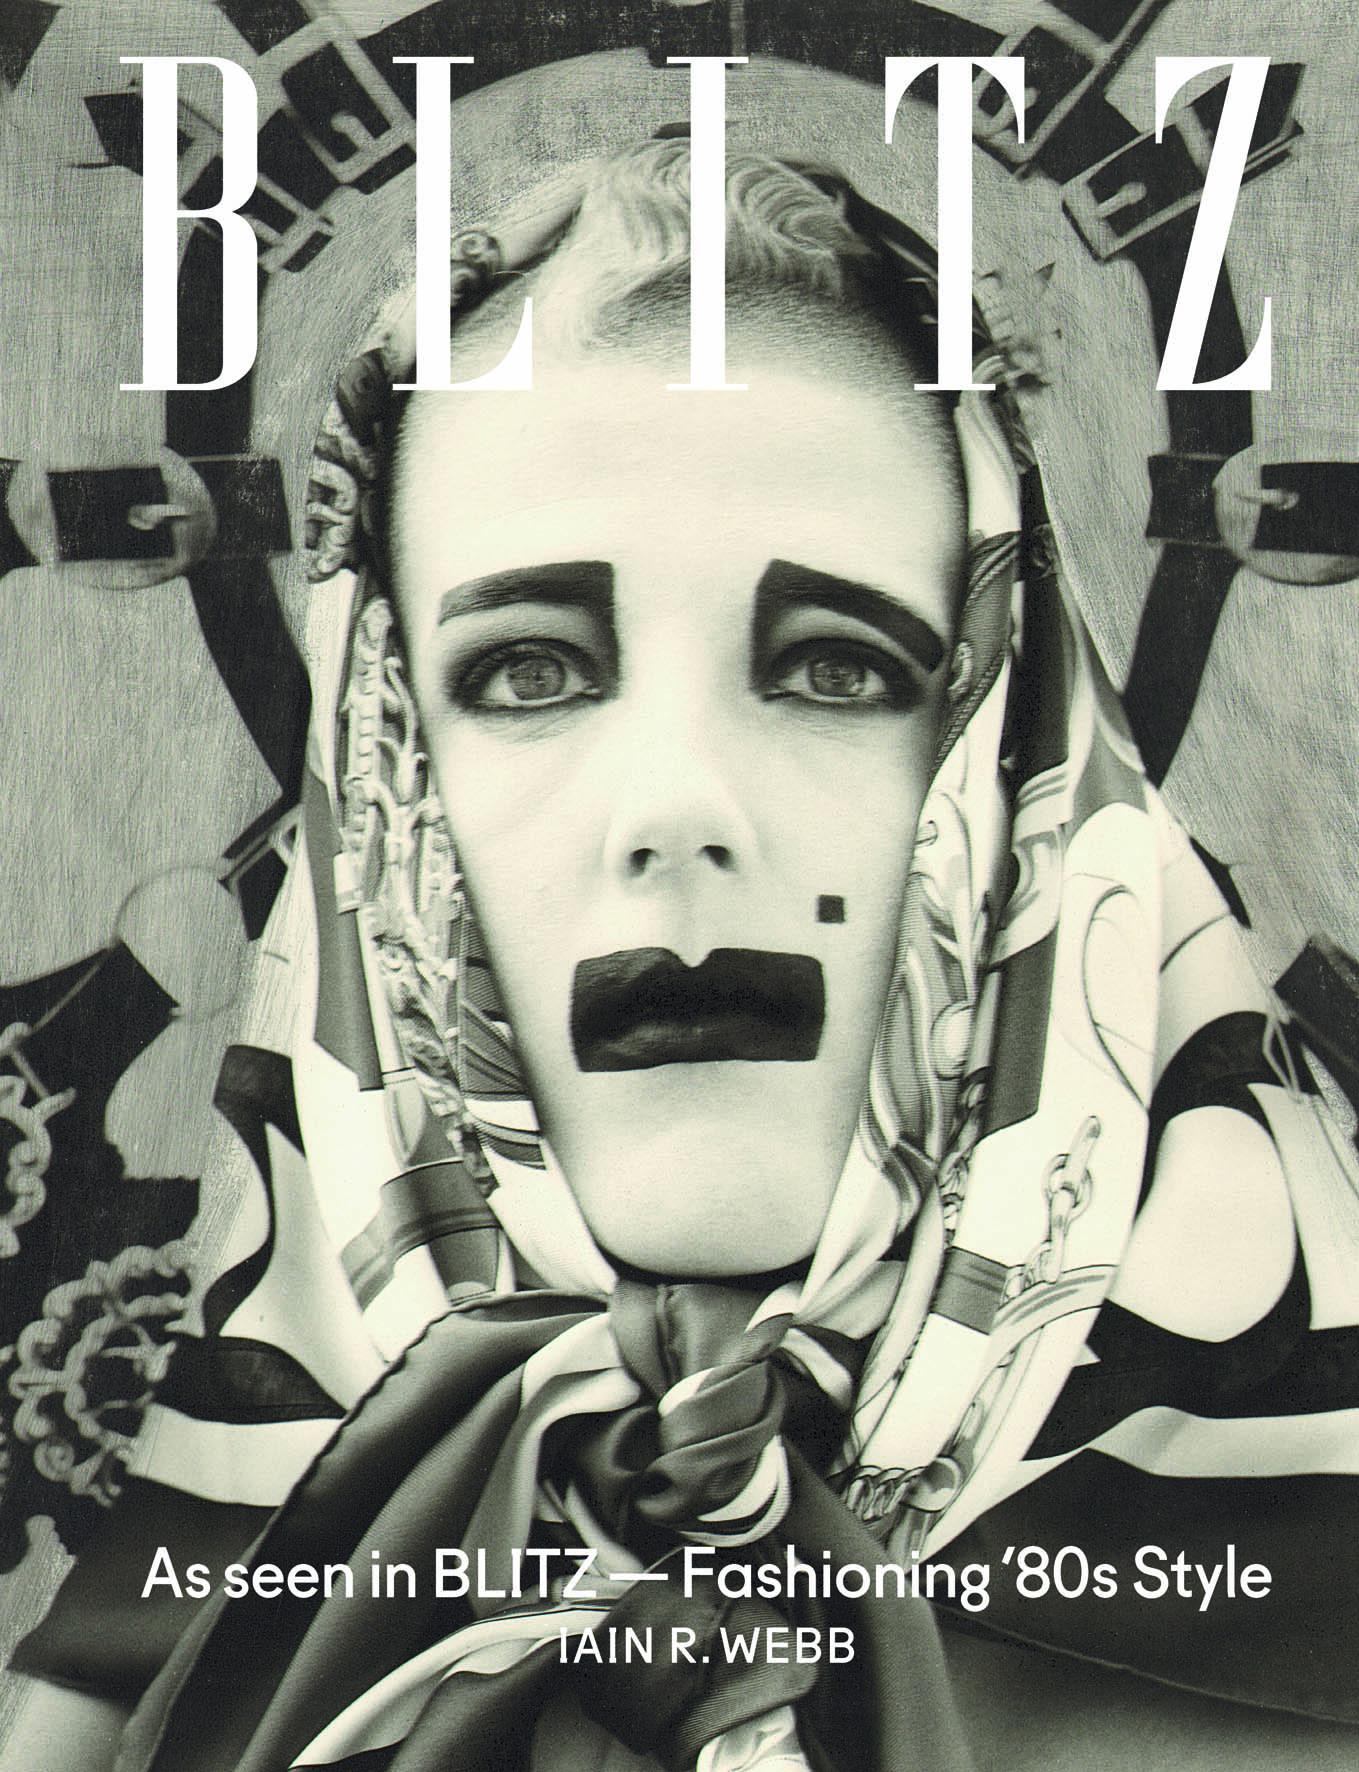 As seen on Blitz: El nuevo libro que recopila la estética británica de los '80